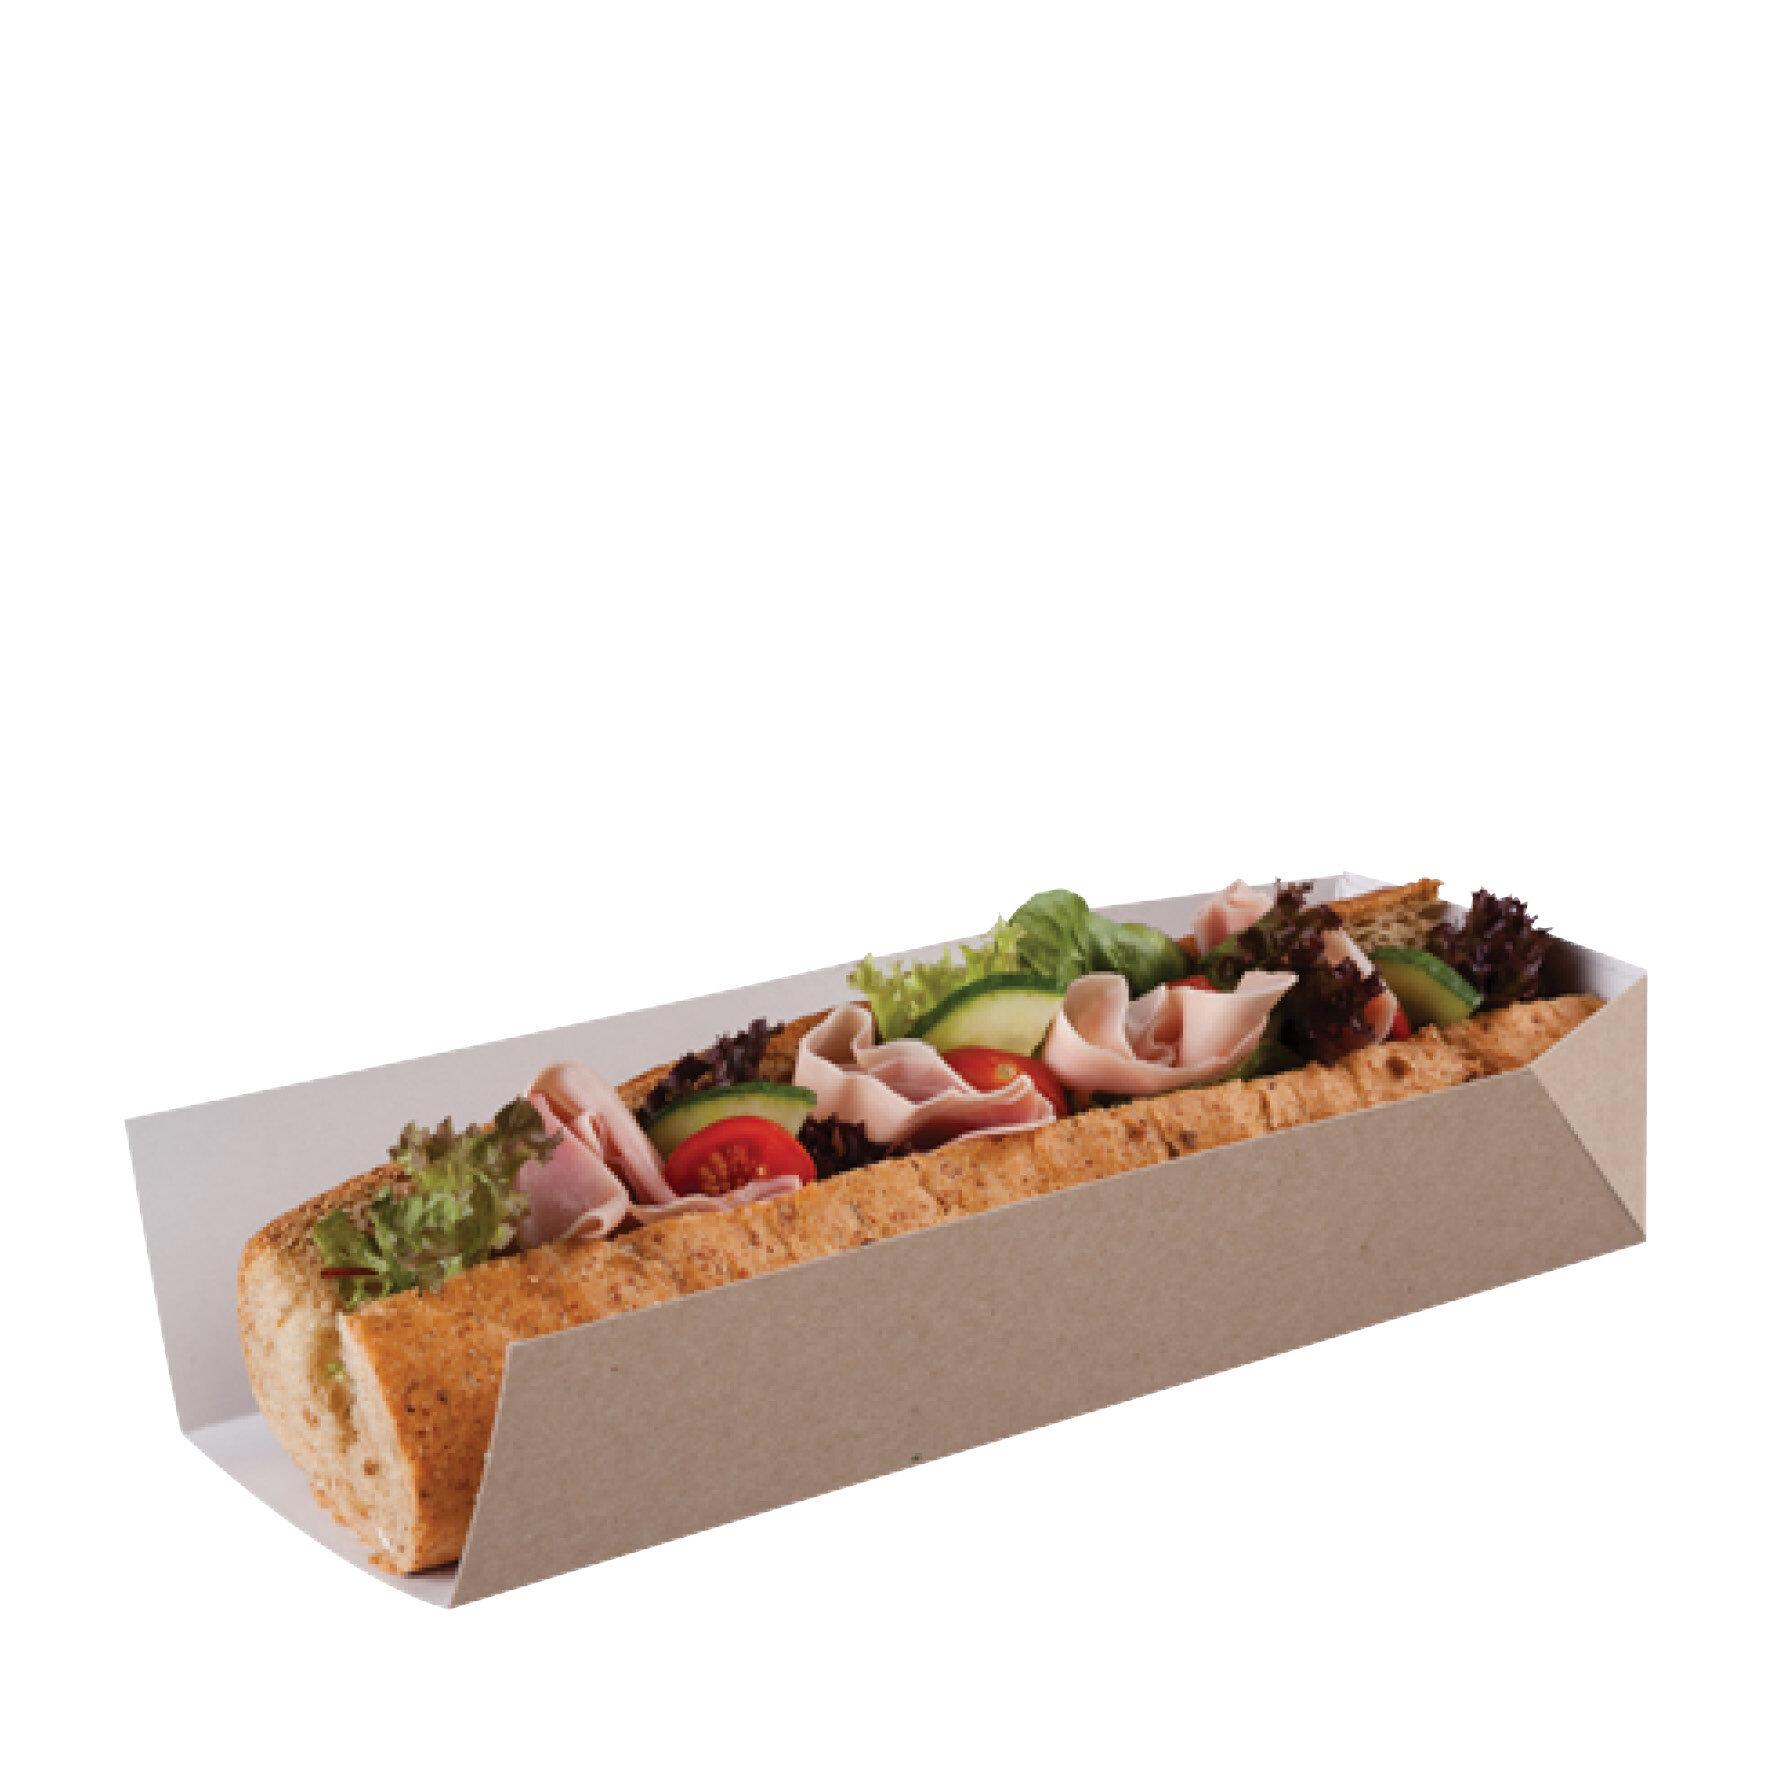 WEBAbox  Snack-Tray Kraft  mit PLA Beschichtung    -18°C bis + 40°C, Industriell kompostierbar